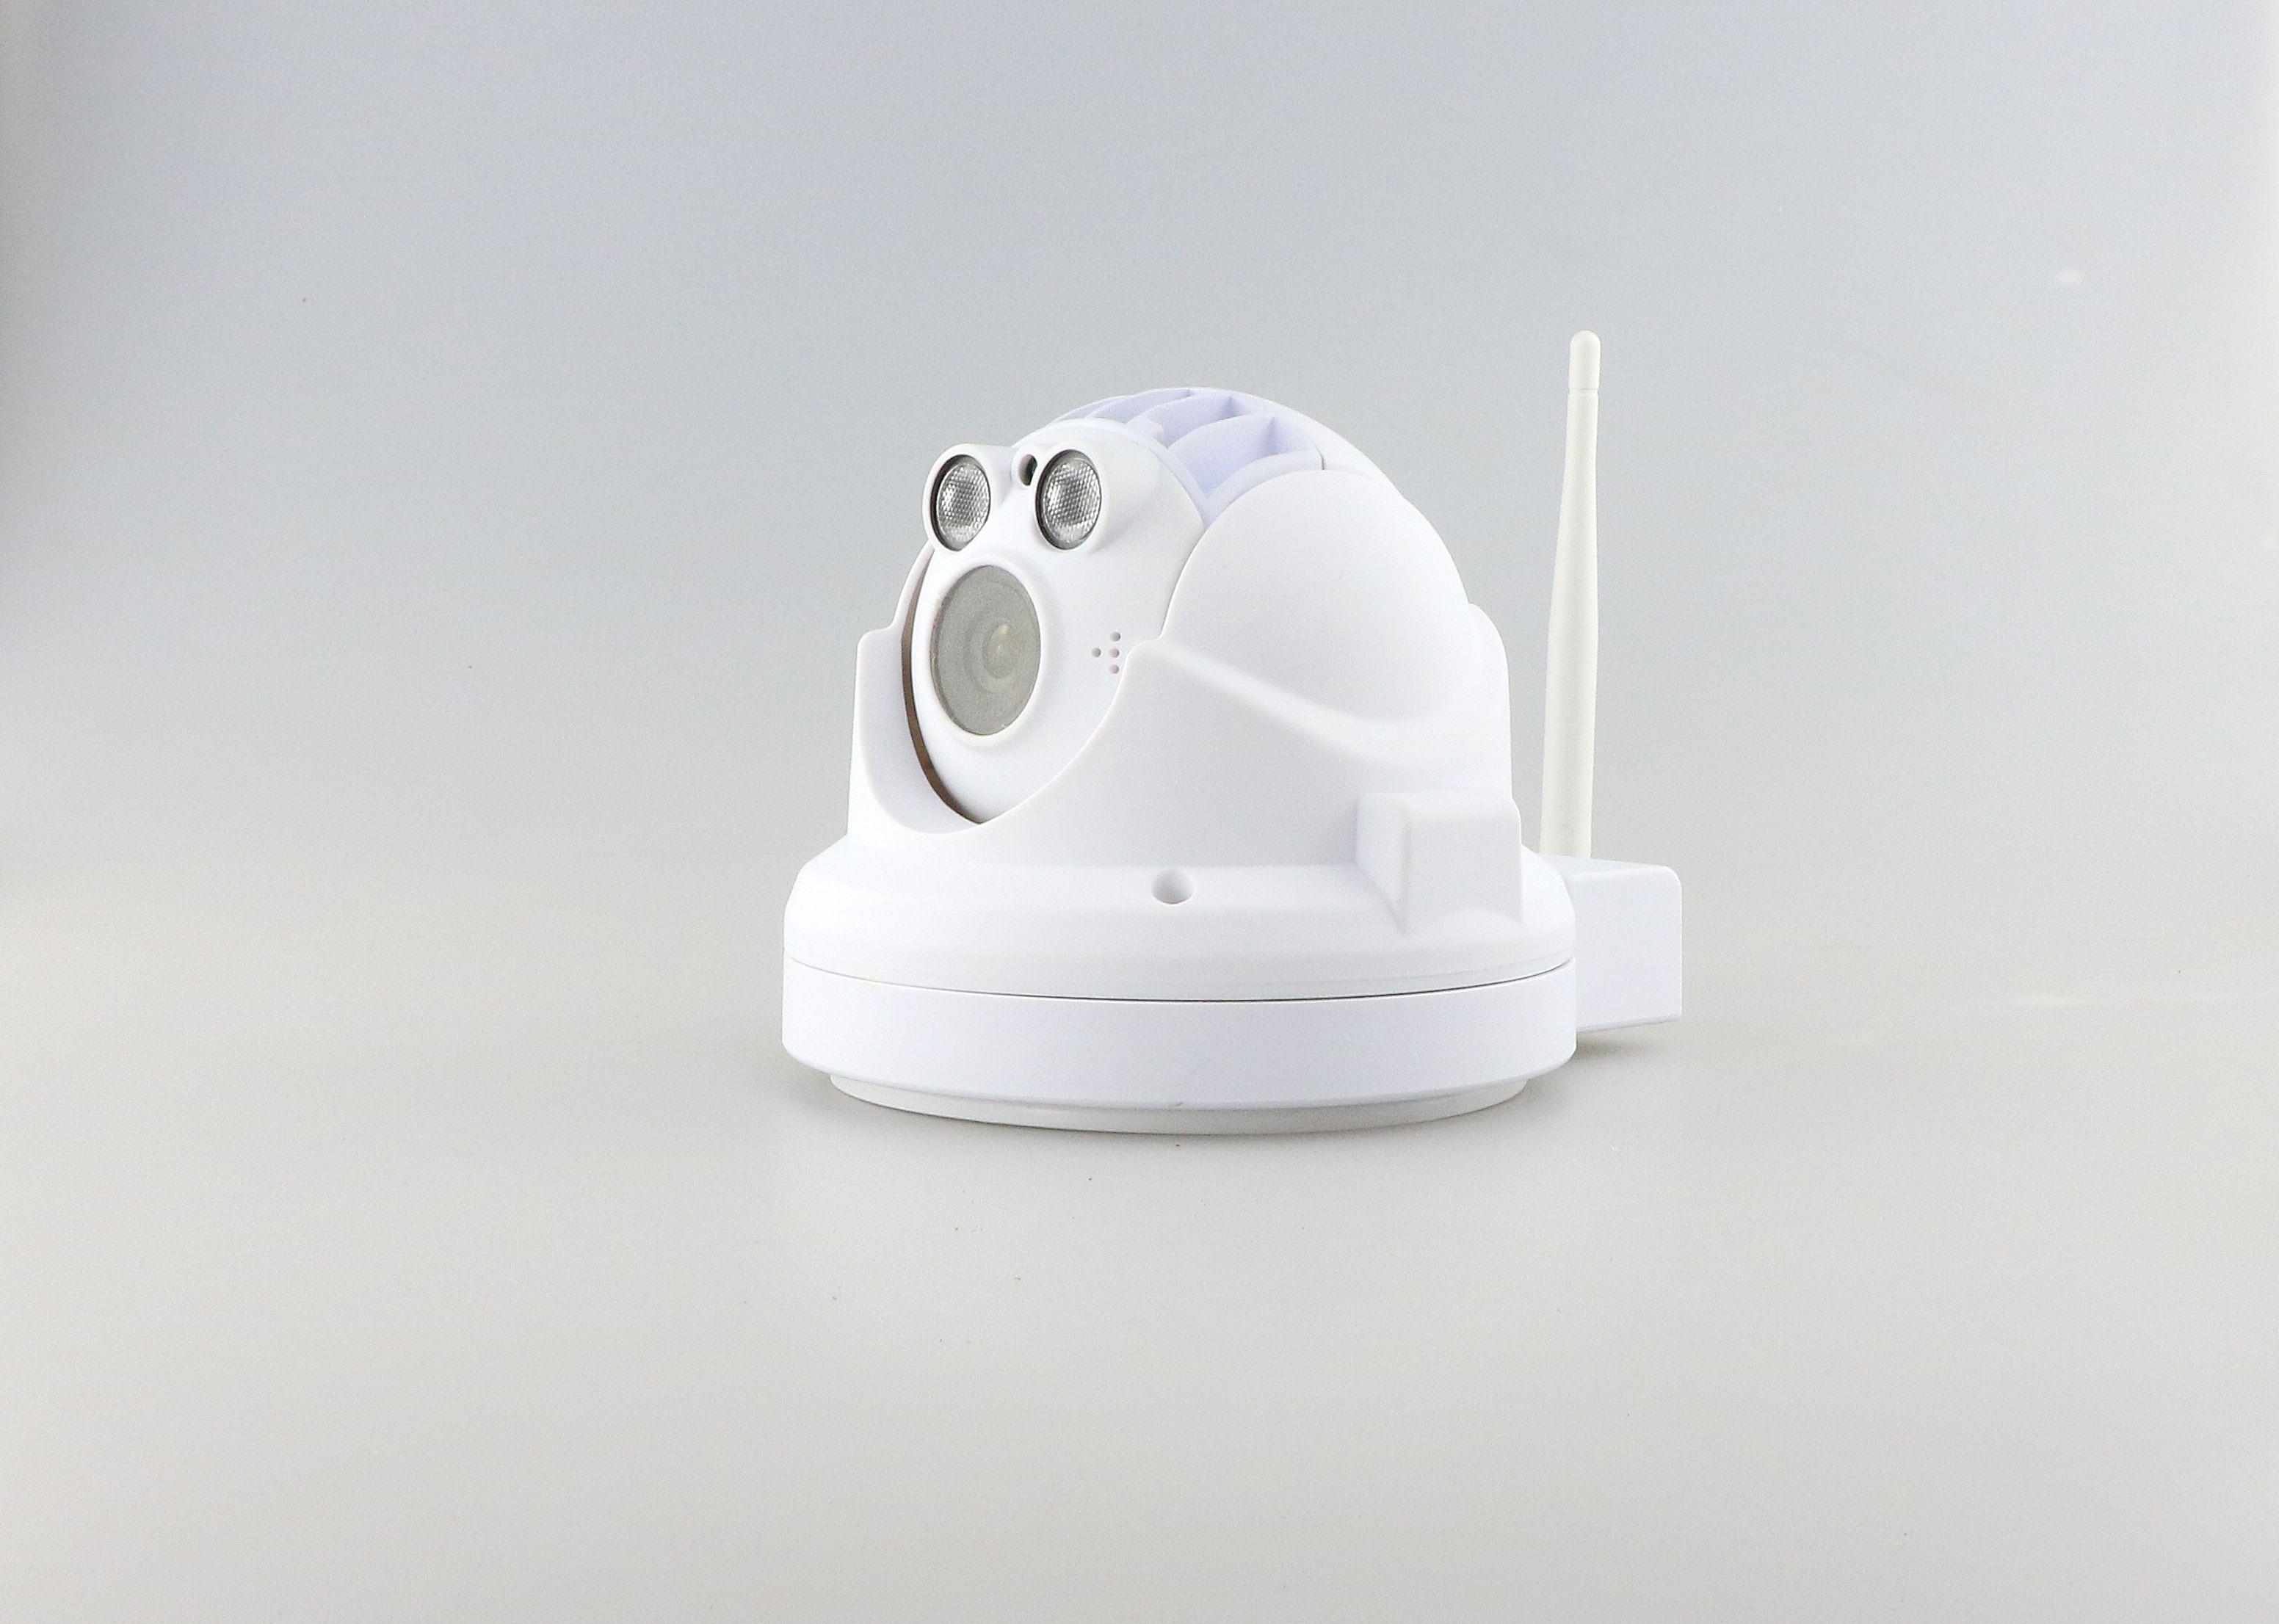 Home Security Camera ,Web Camera | Security Cameras | Pinterest ...